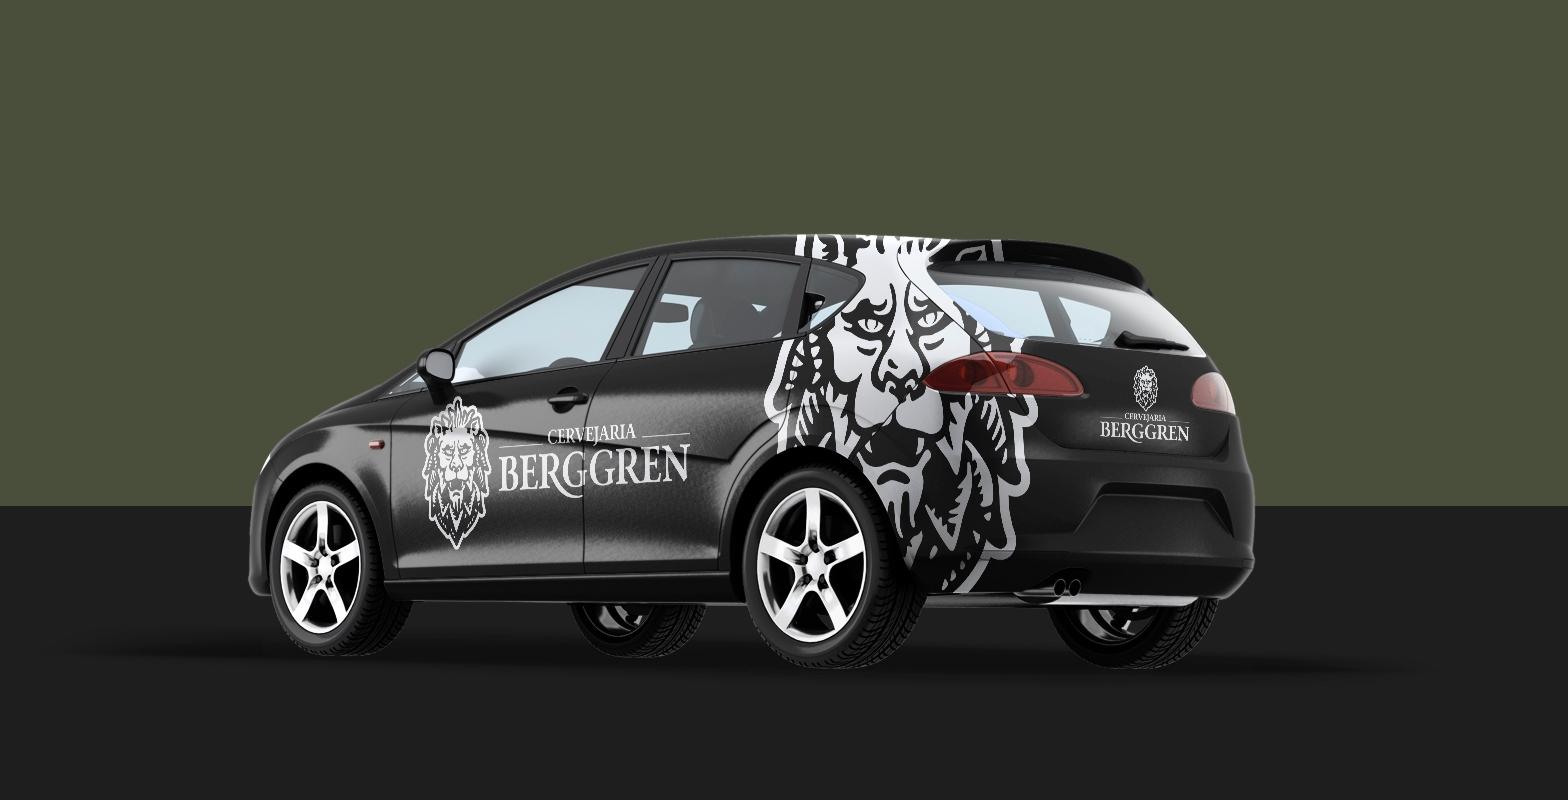 Berggren Bier - Identidade visual e Branding (11)